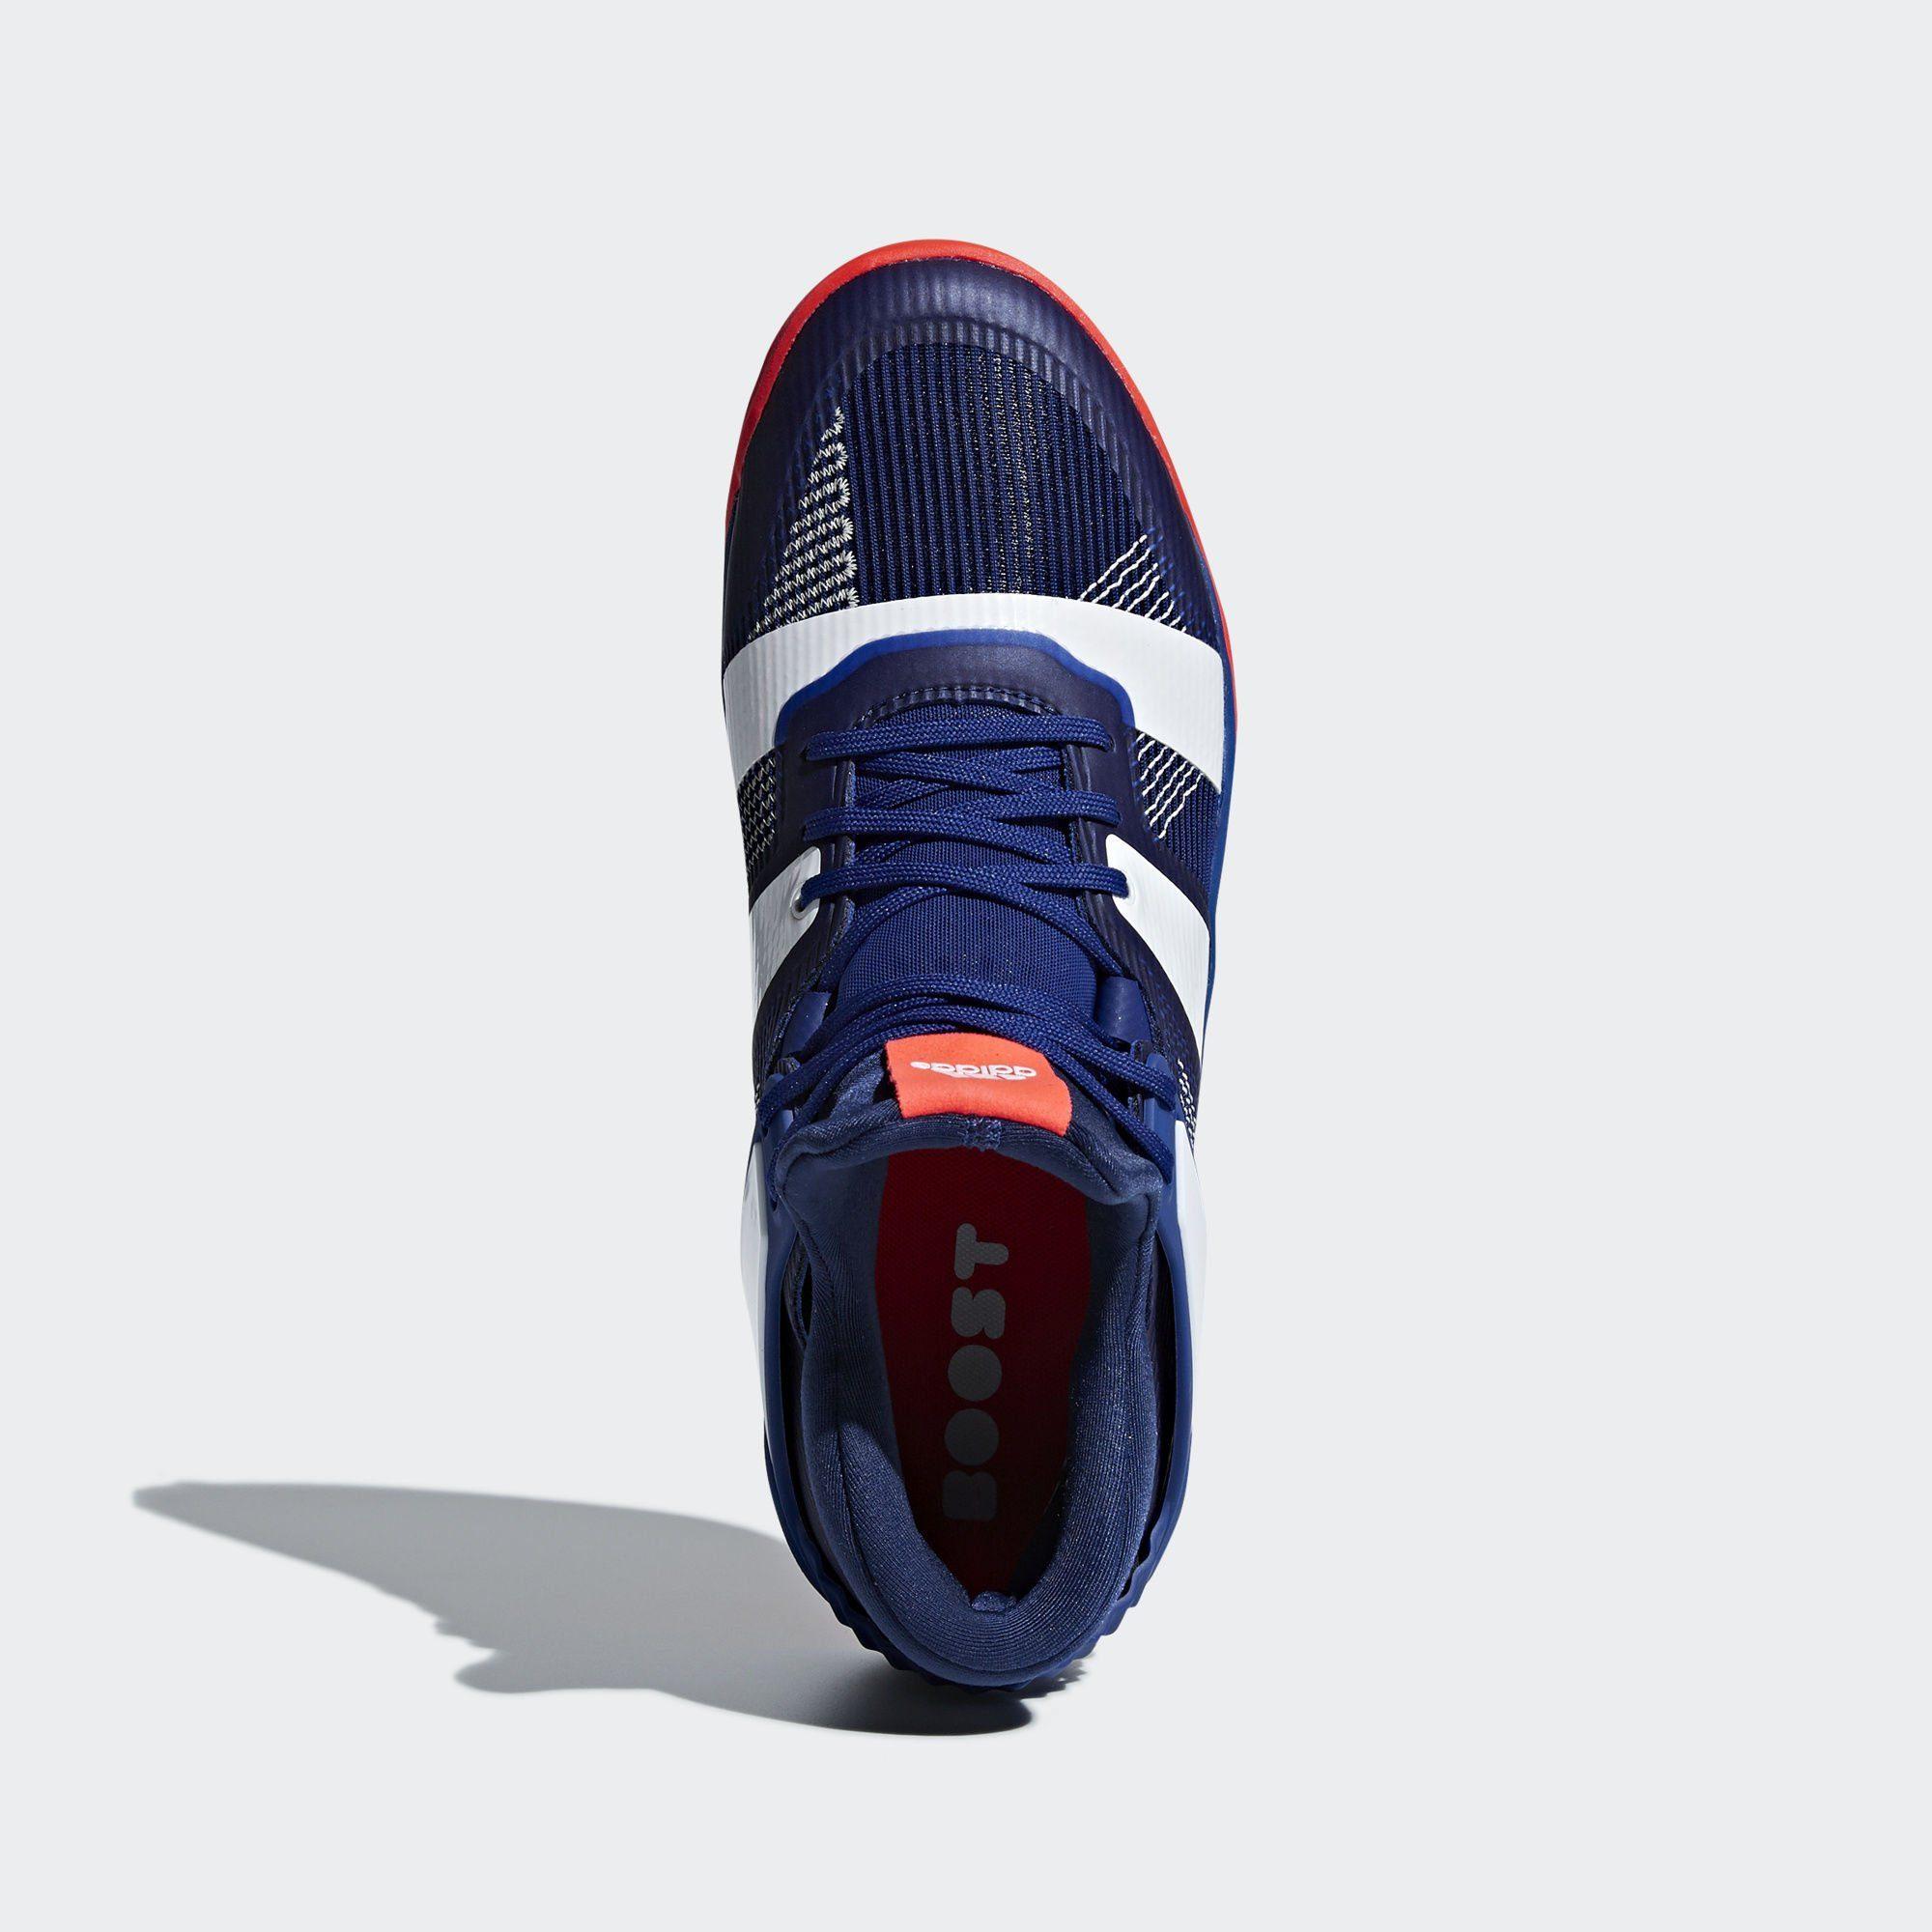 adidas Performance Stabil X Mid Schuh Handballschuh online kaufen  ink